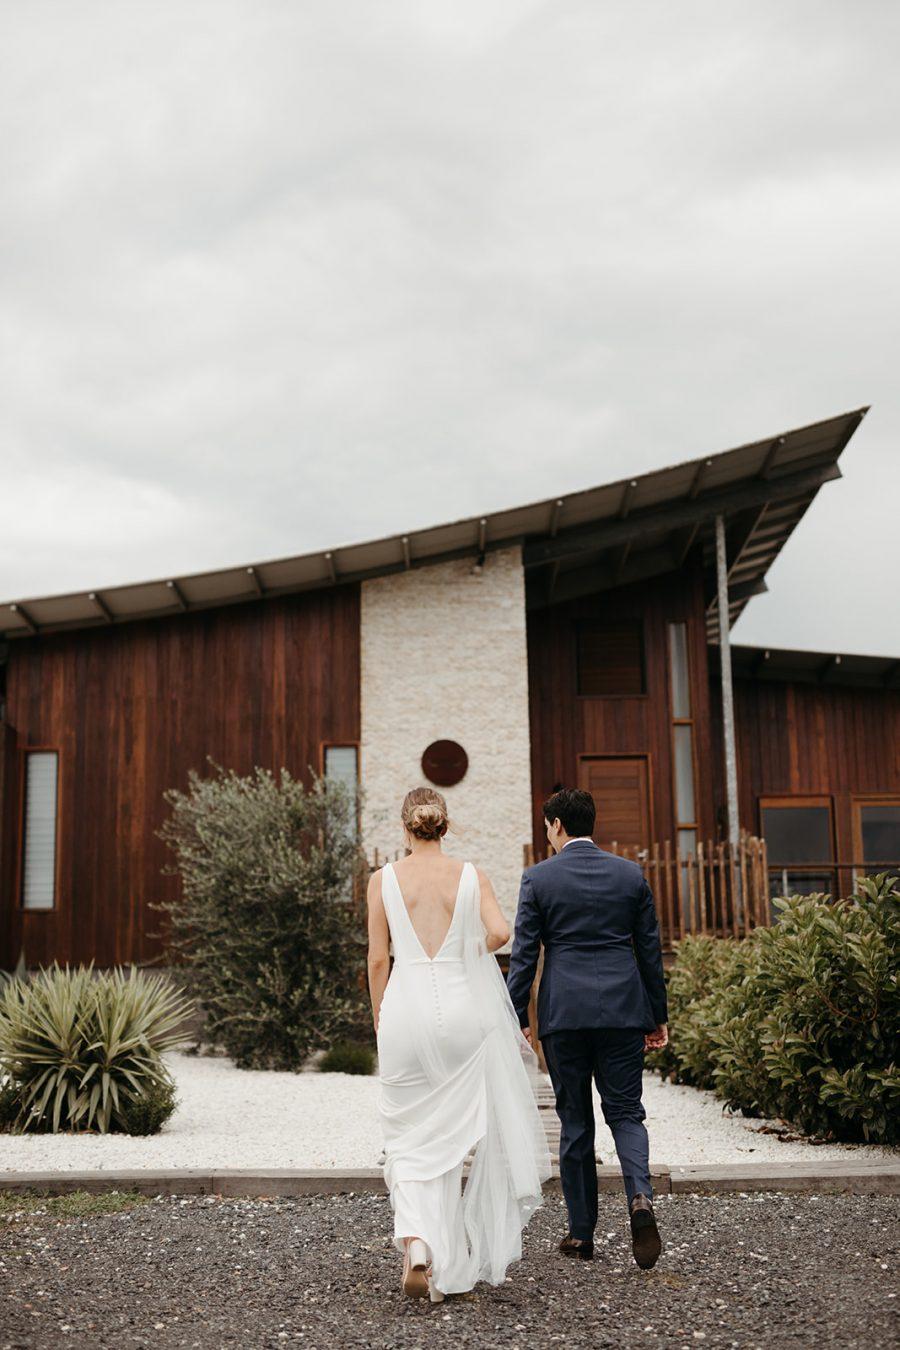 Bride and groom walk towards wedding venue (temple farmhouse)